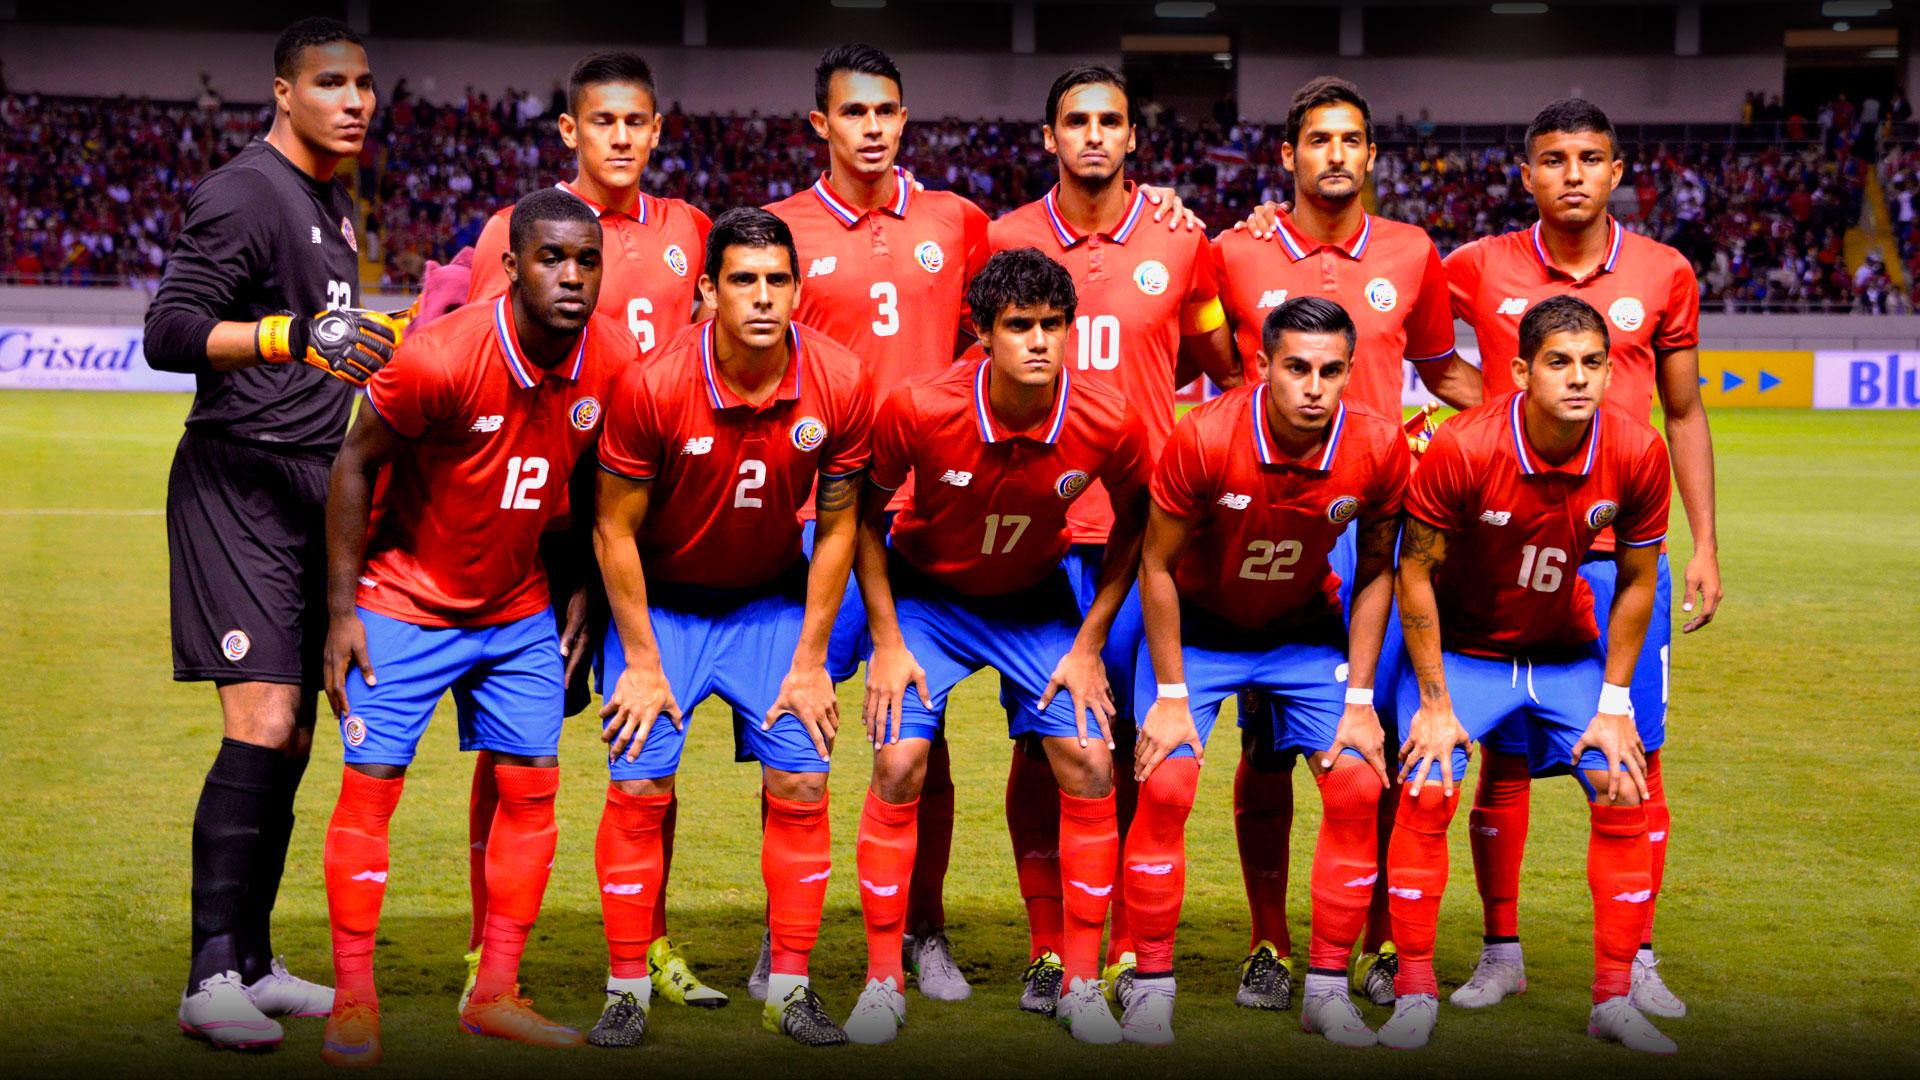 Persiguiendo el recuerdo de la Costa Rica de Brasil